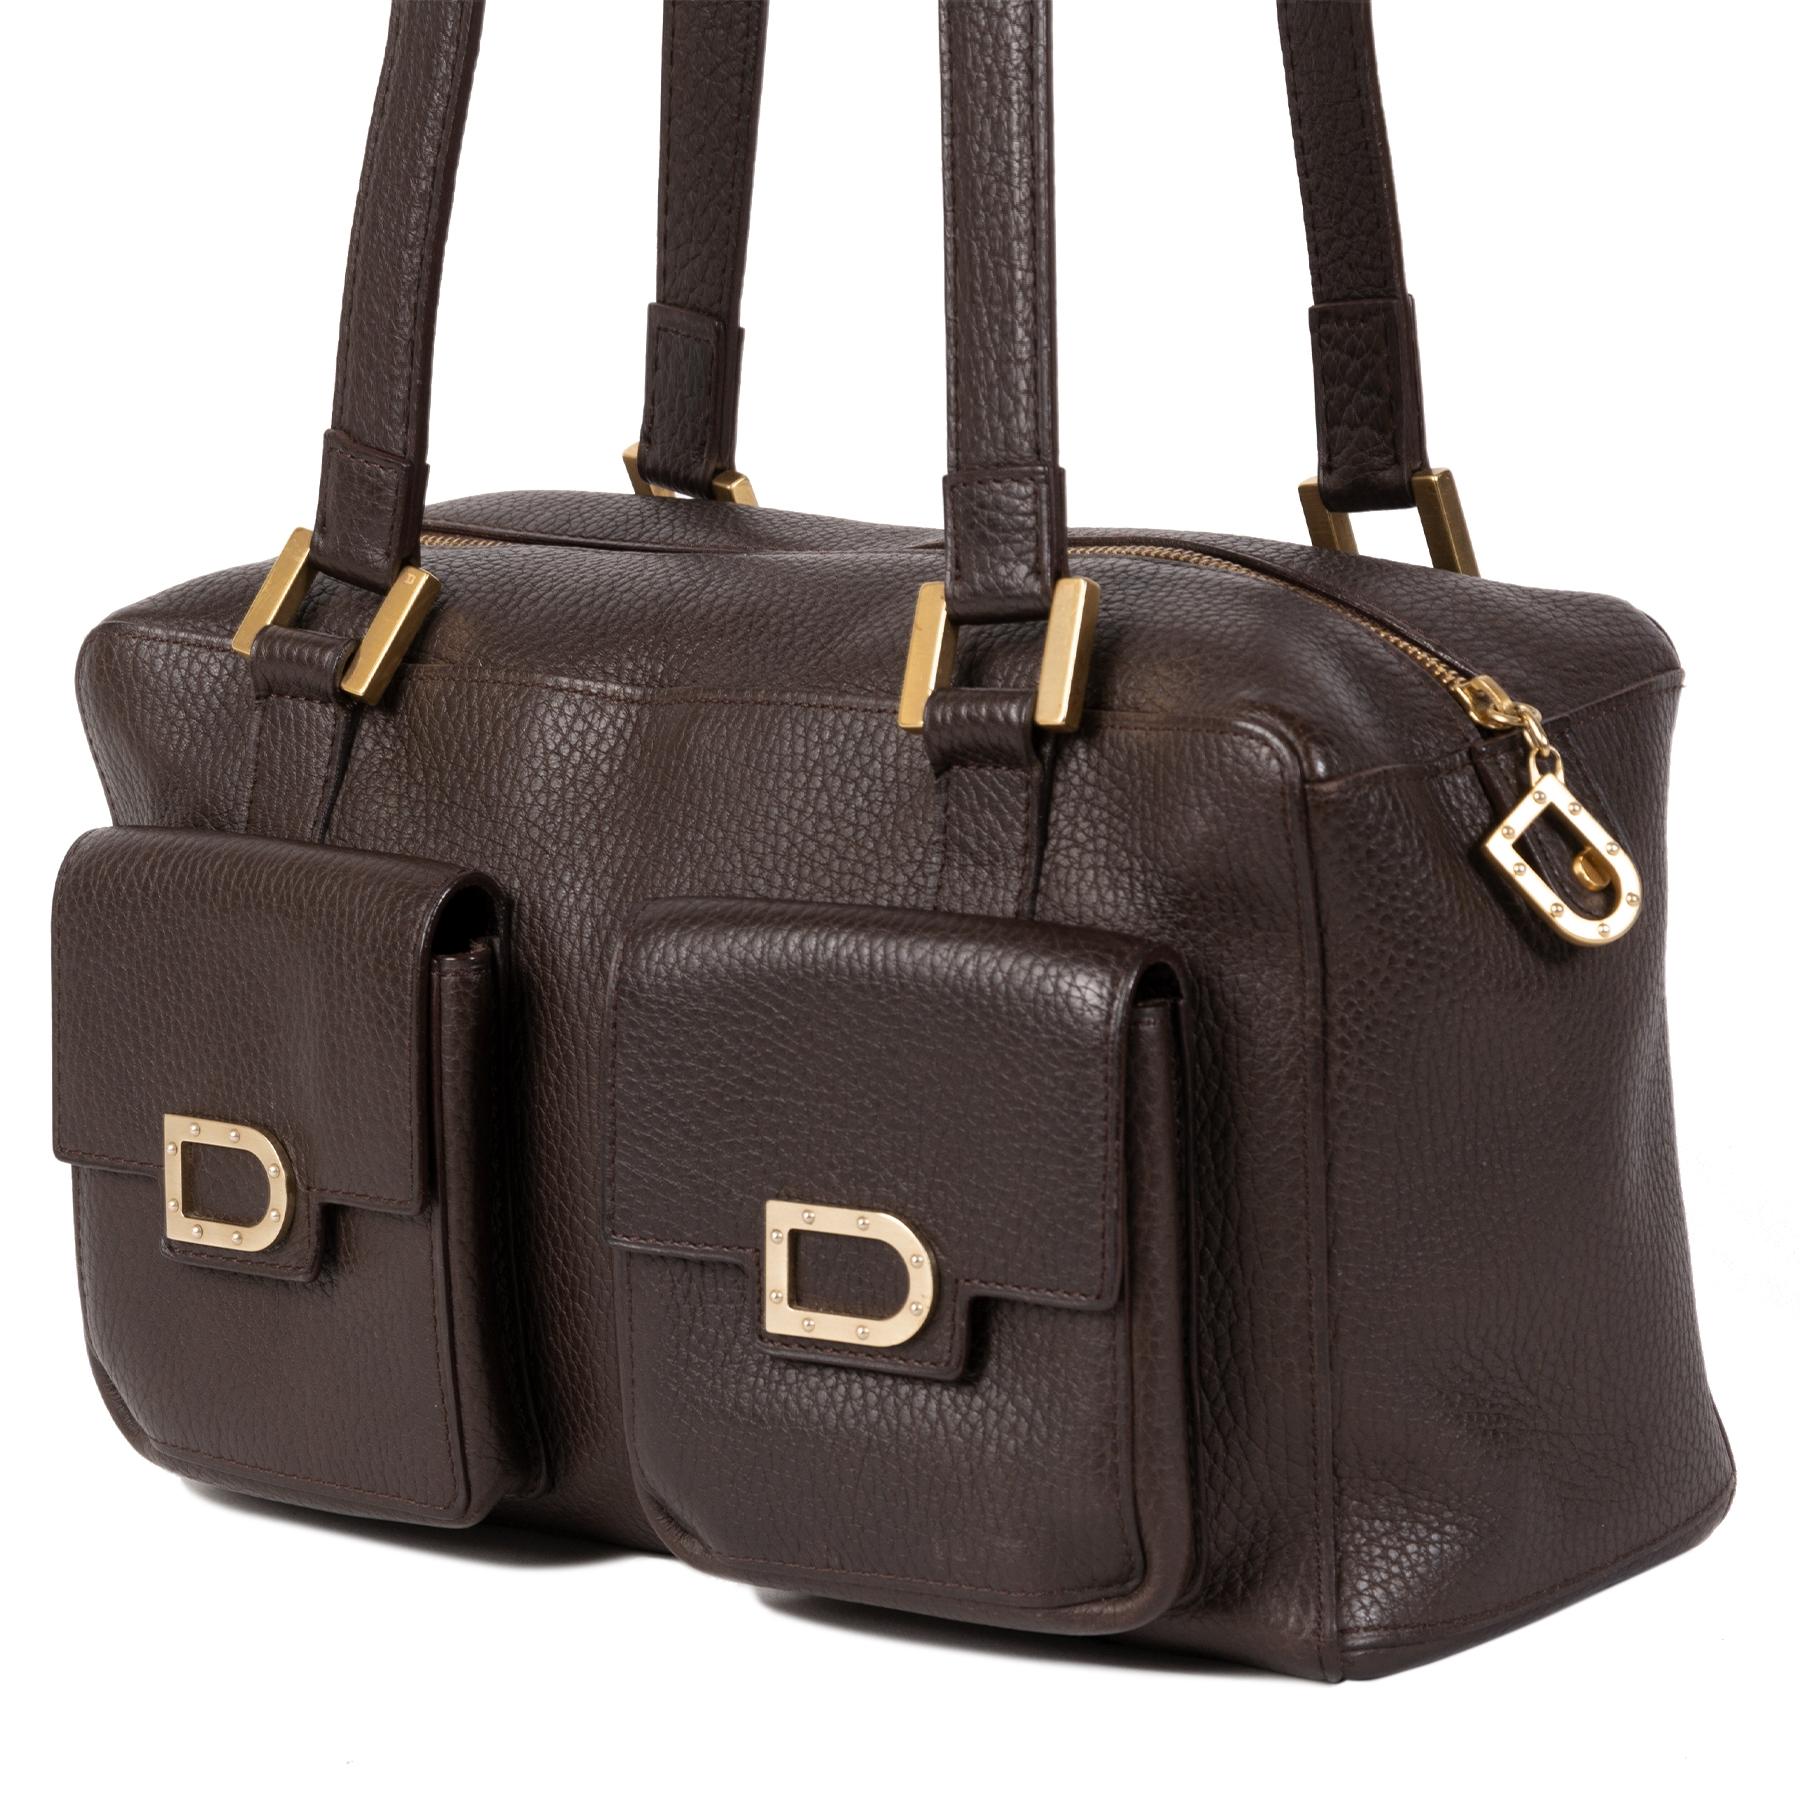 Authentieke Tweedehands Delvaux Dark Brown Front Pockets Shoulder Bag juiste prijs veilig online shoppen luxe merken webshop winkelen Antwerpen België mode fashion